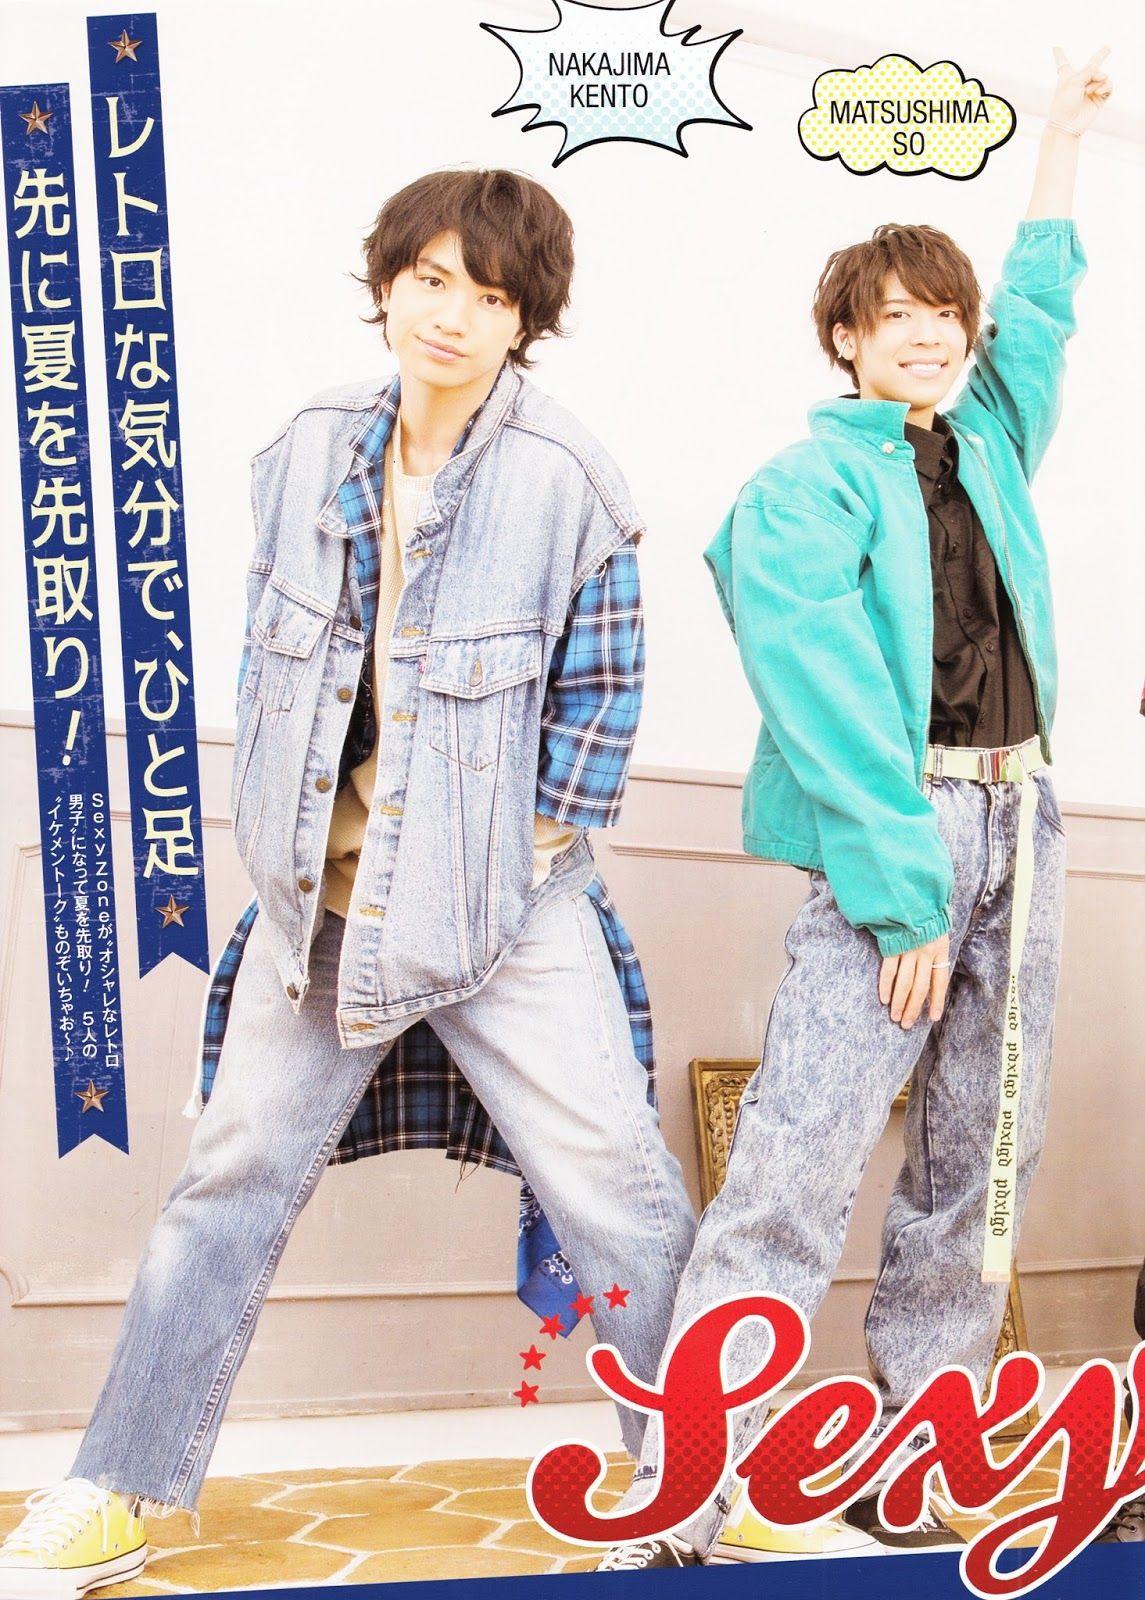 Magazine July 2017 2020 画像あり 聡ちゃん 松島聡